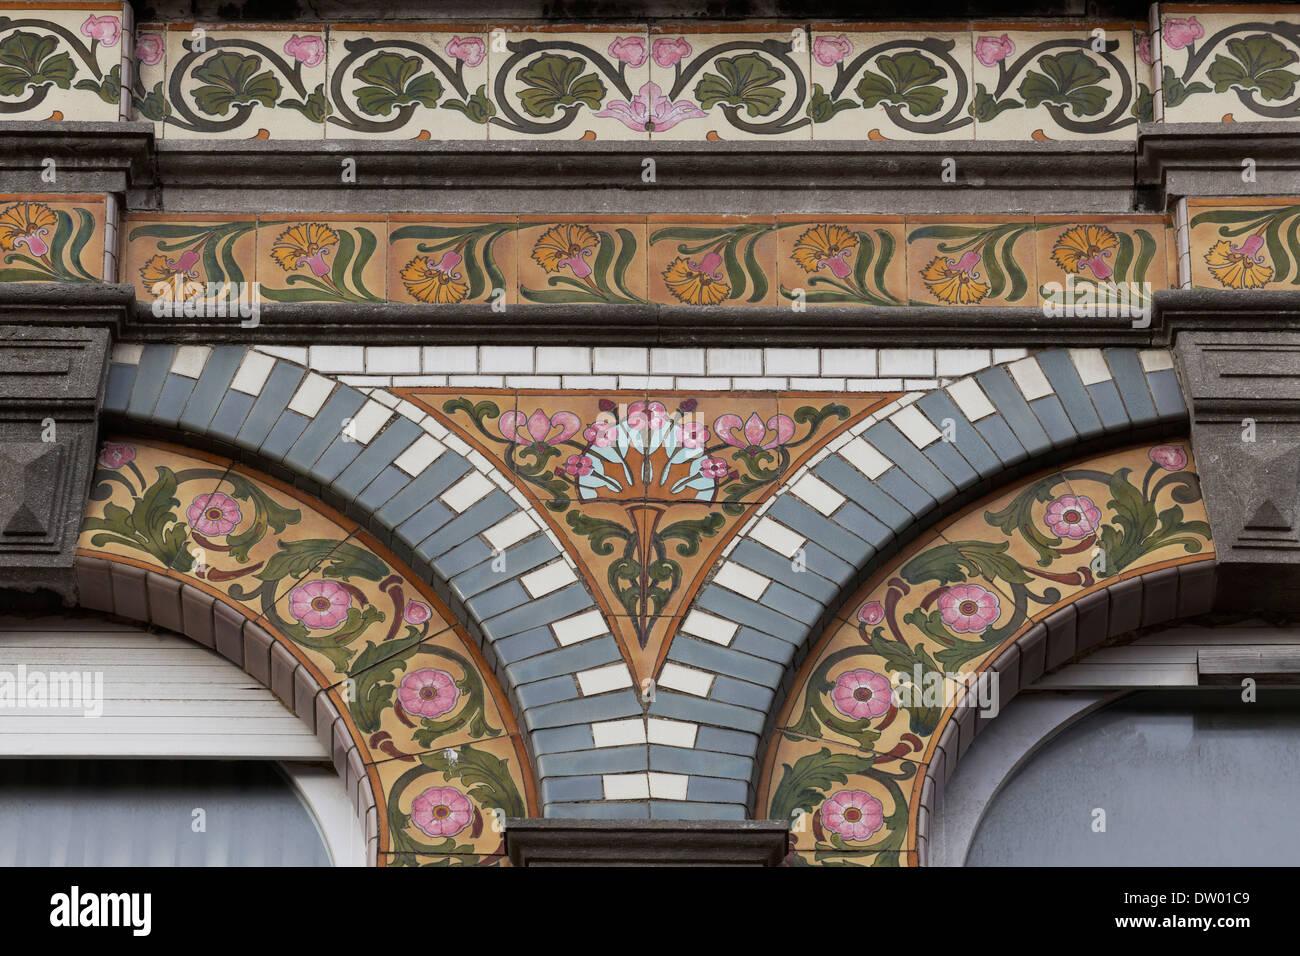 Facciata art deco piastrelle con motivi floreali scrolls villa